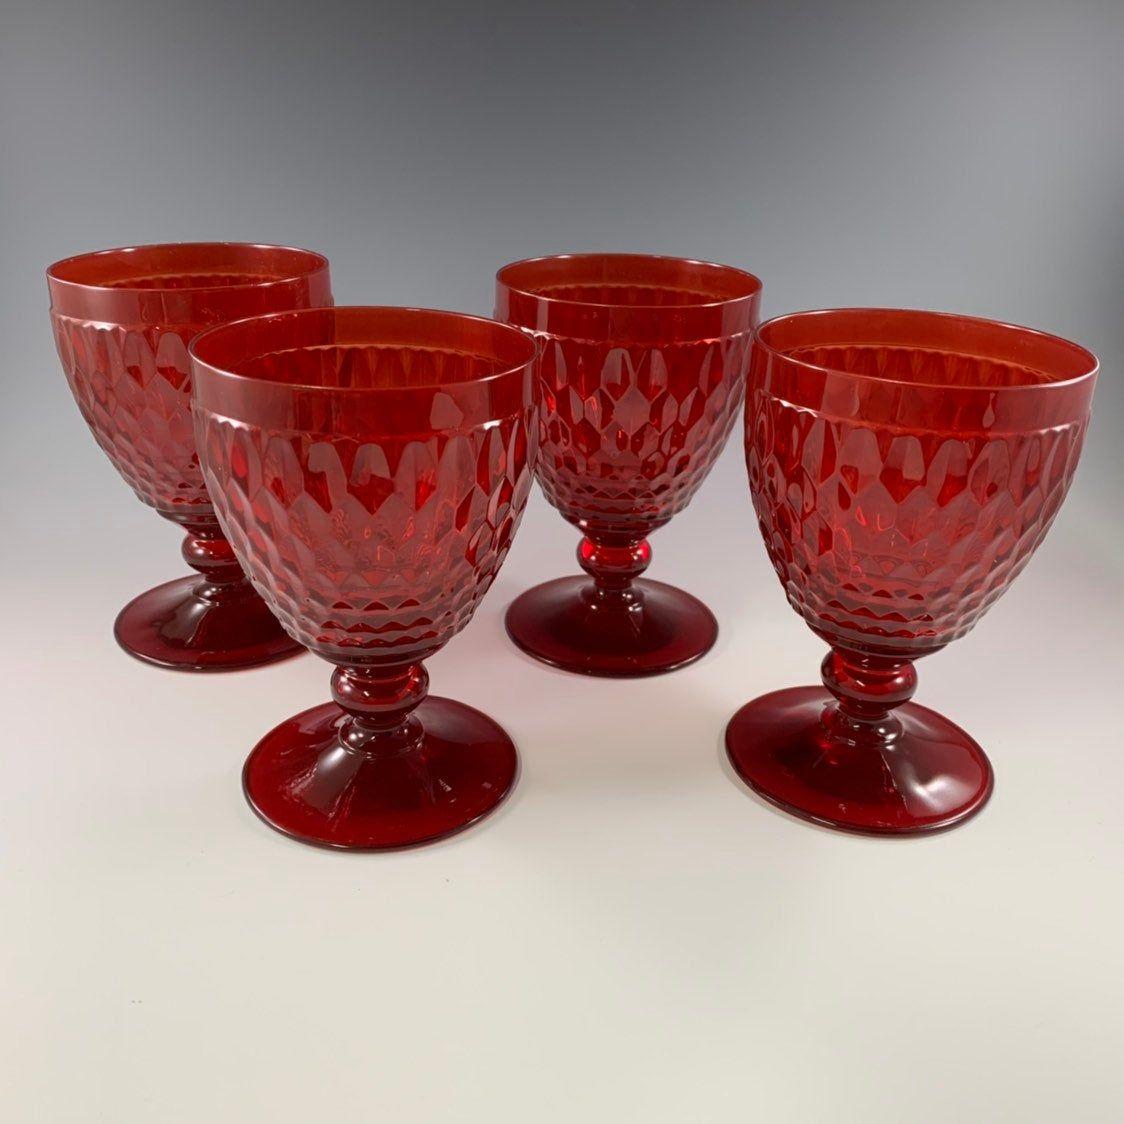 Boston Water Glass Villeroy Boch: Villeroy & Boch Boston Red 8.5 Ounce Water Goblets